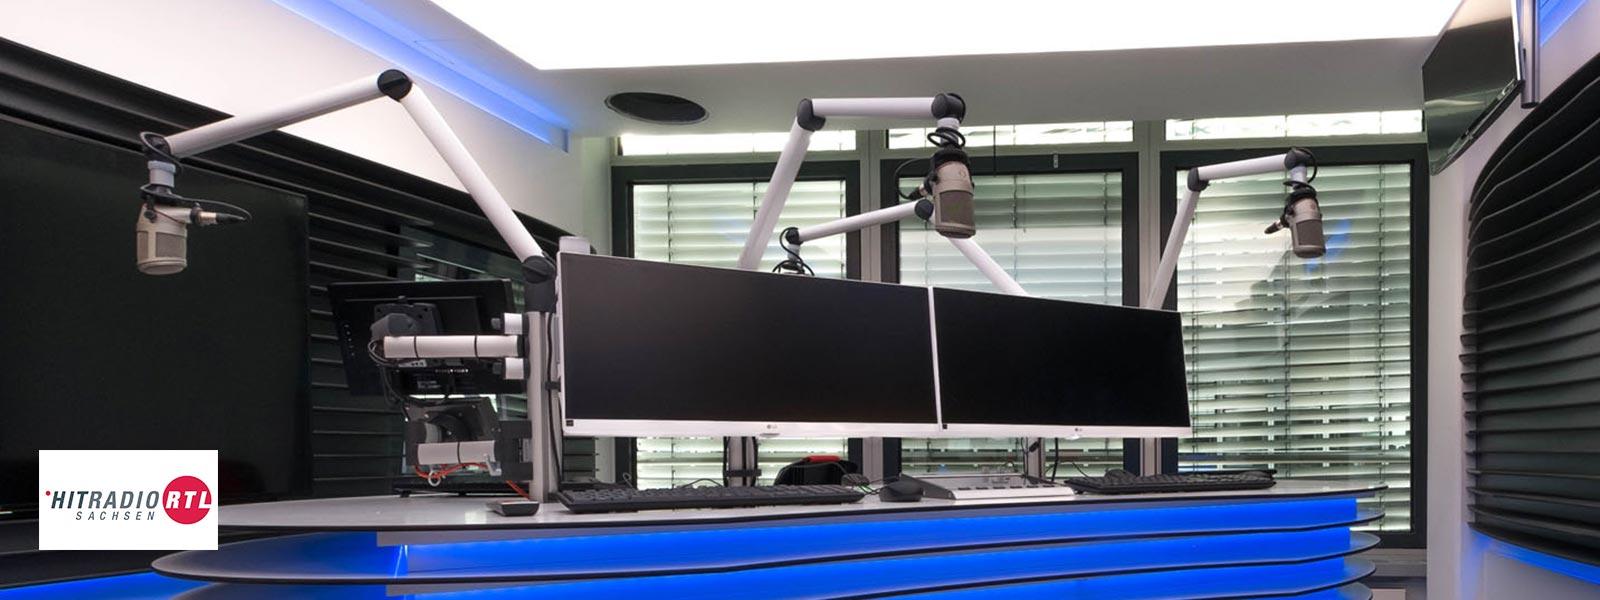 Www Hitradio Rtl De